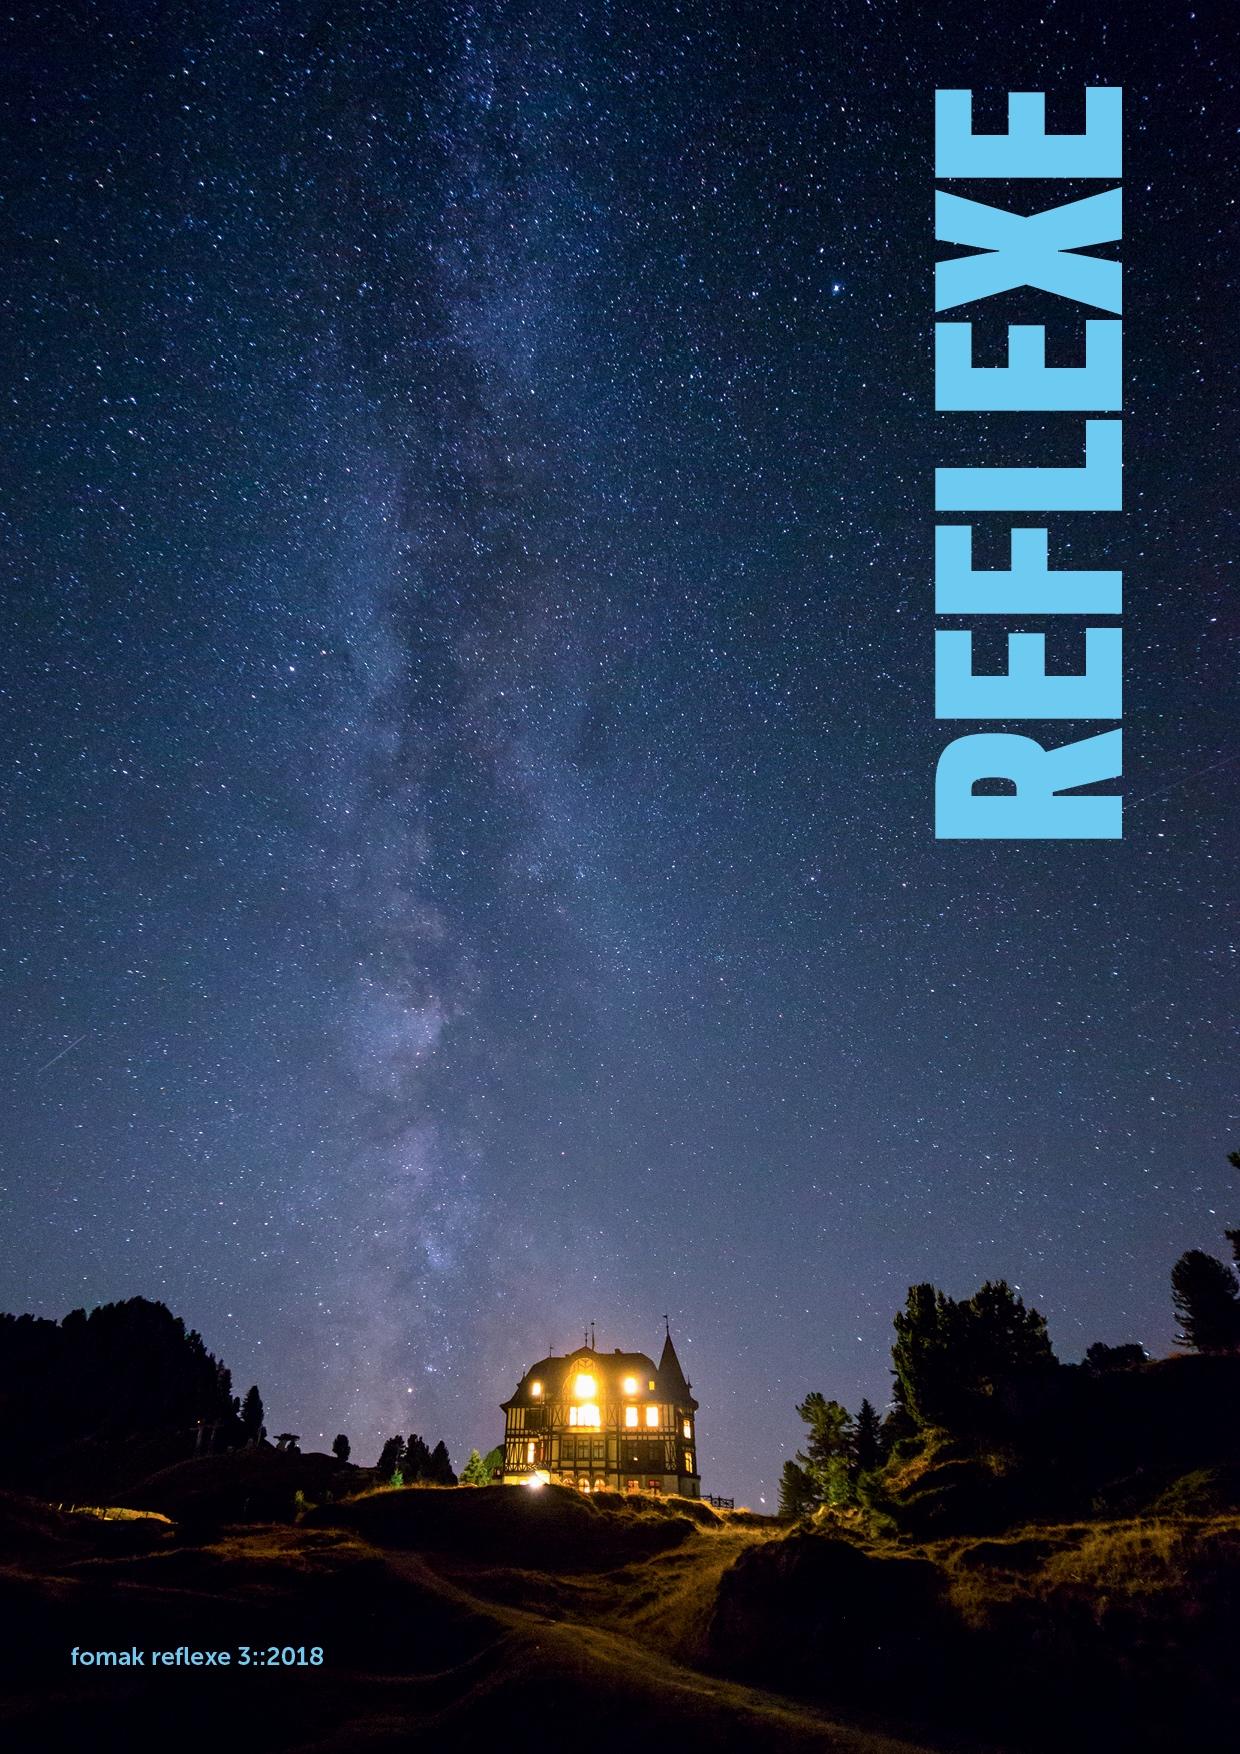 reflexe_2_18_titel_jpg.jpg